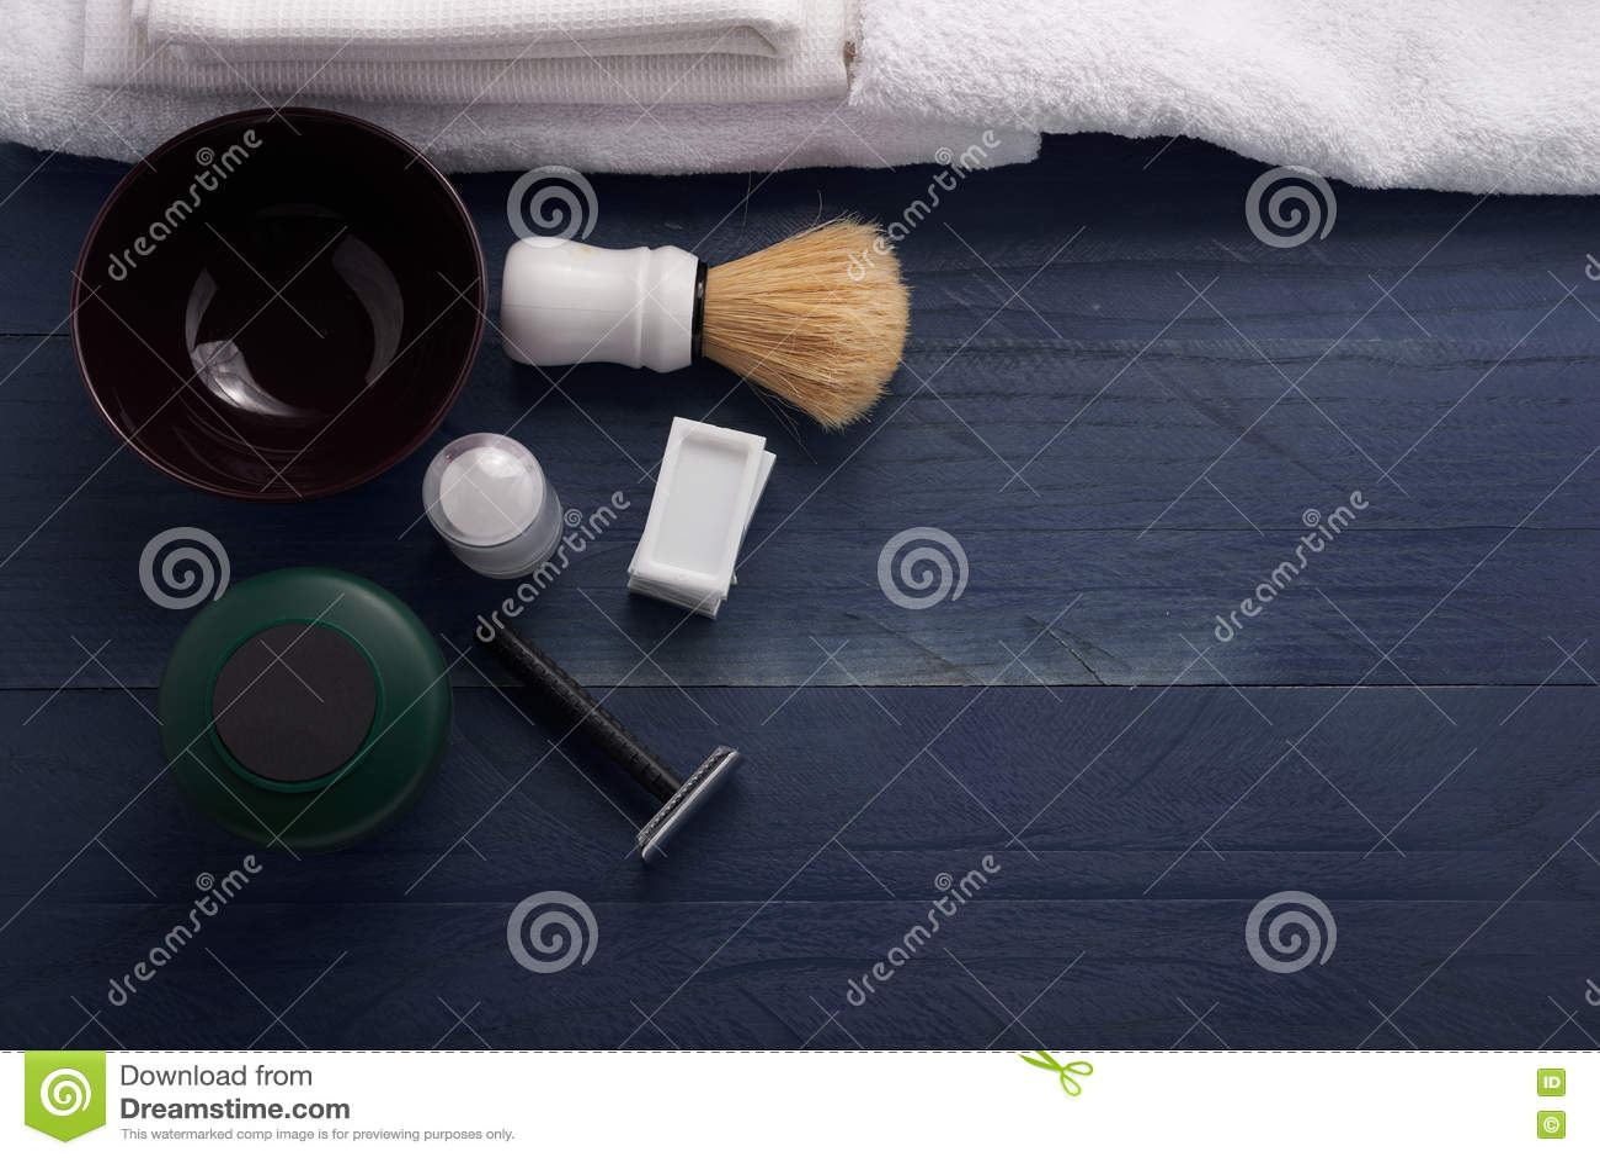 Rasoir rasant des accessoires